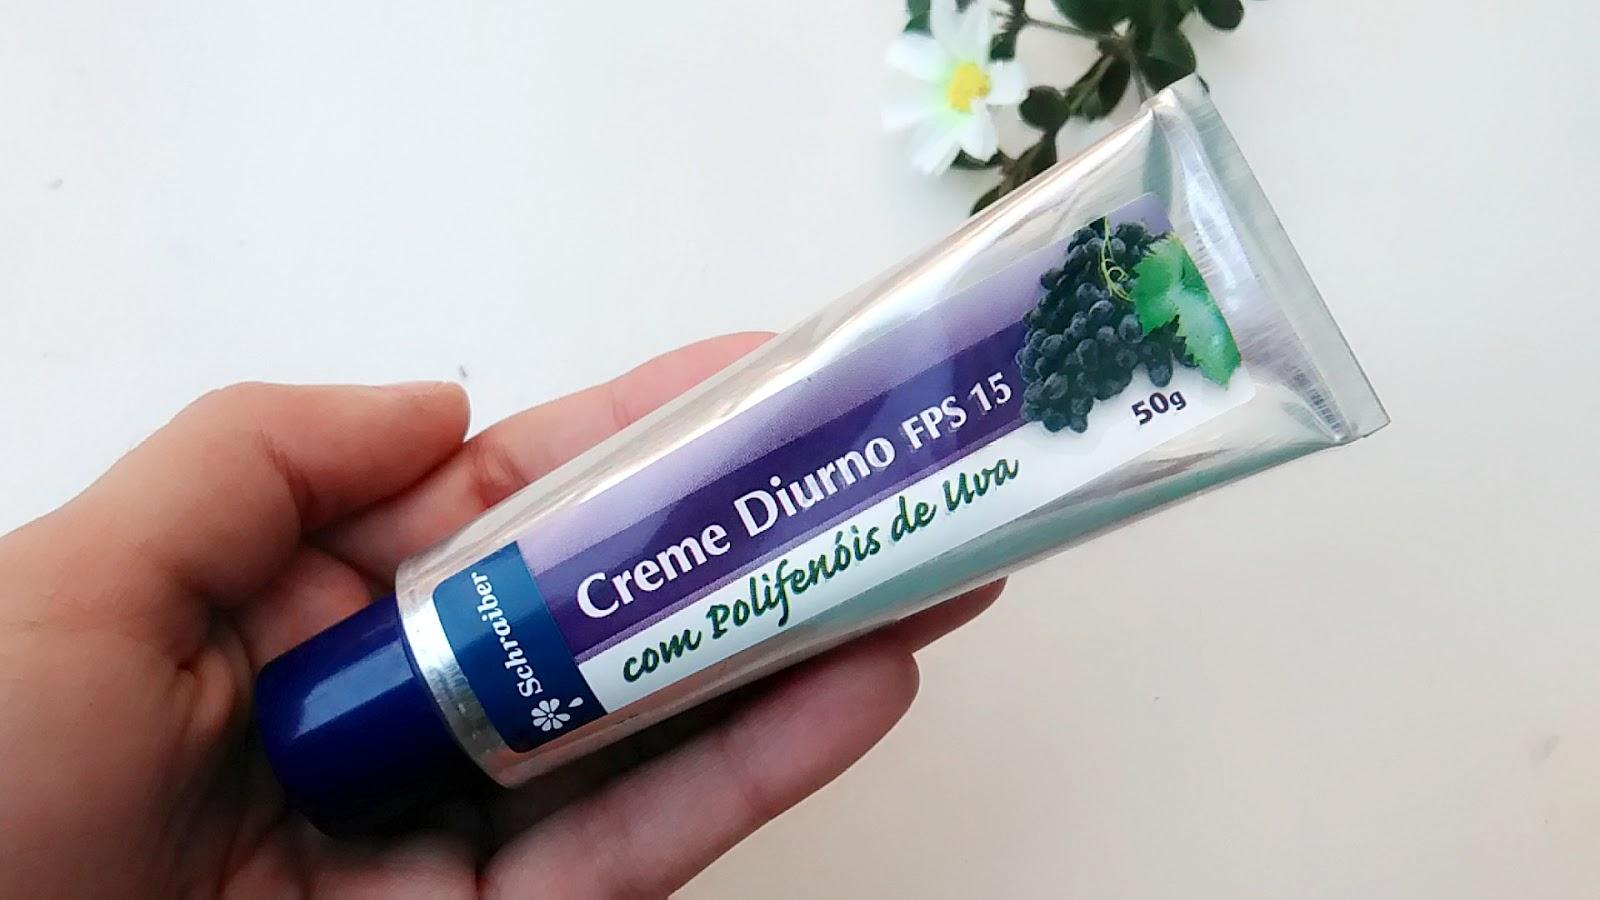 Creme Facial Diurno FPS 15 com Polifenóis de Uva Schraiber